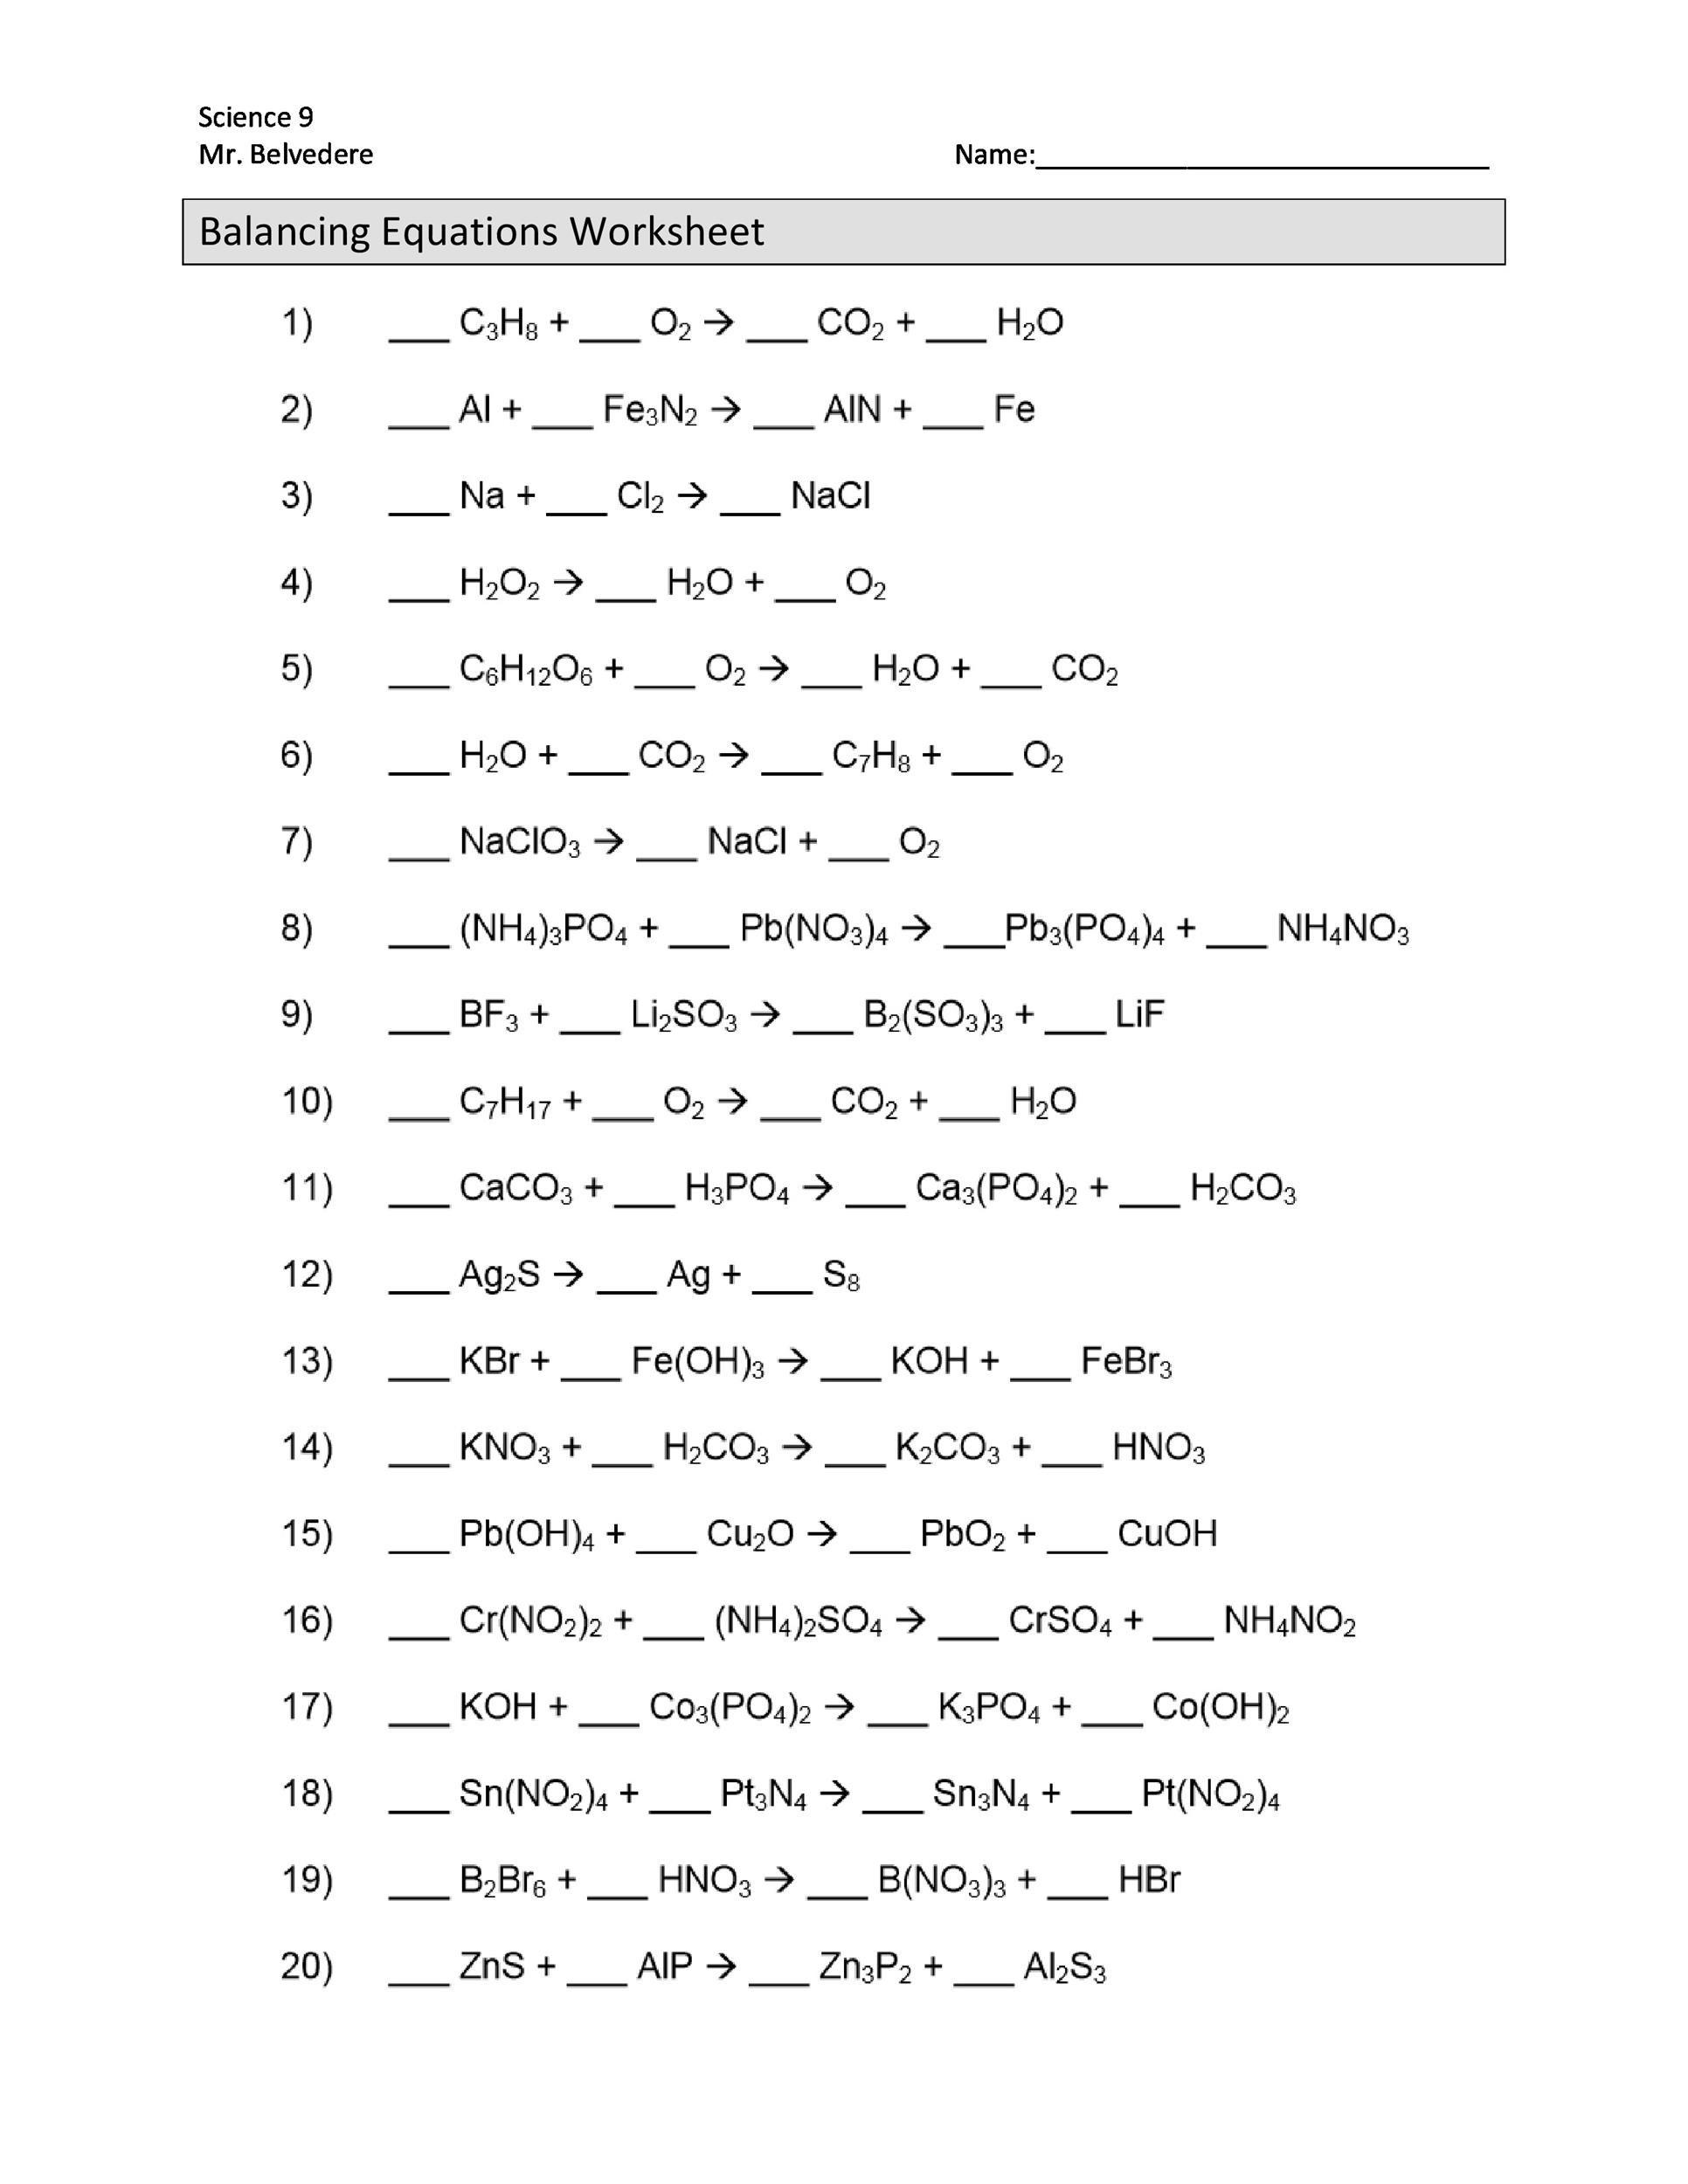 Free balancing equations 11